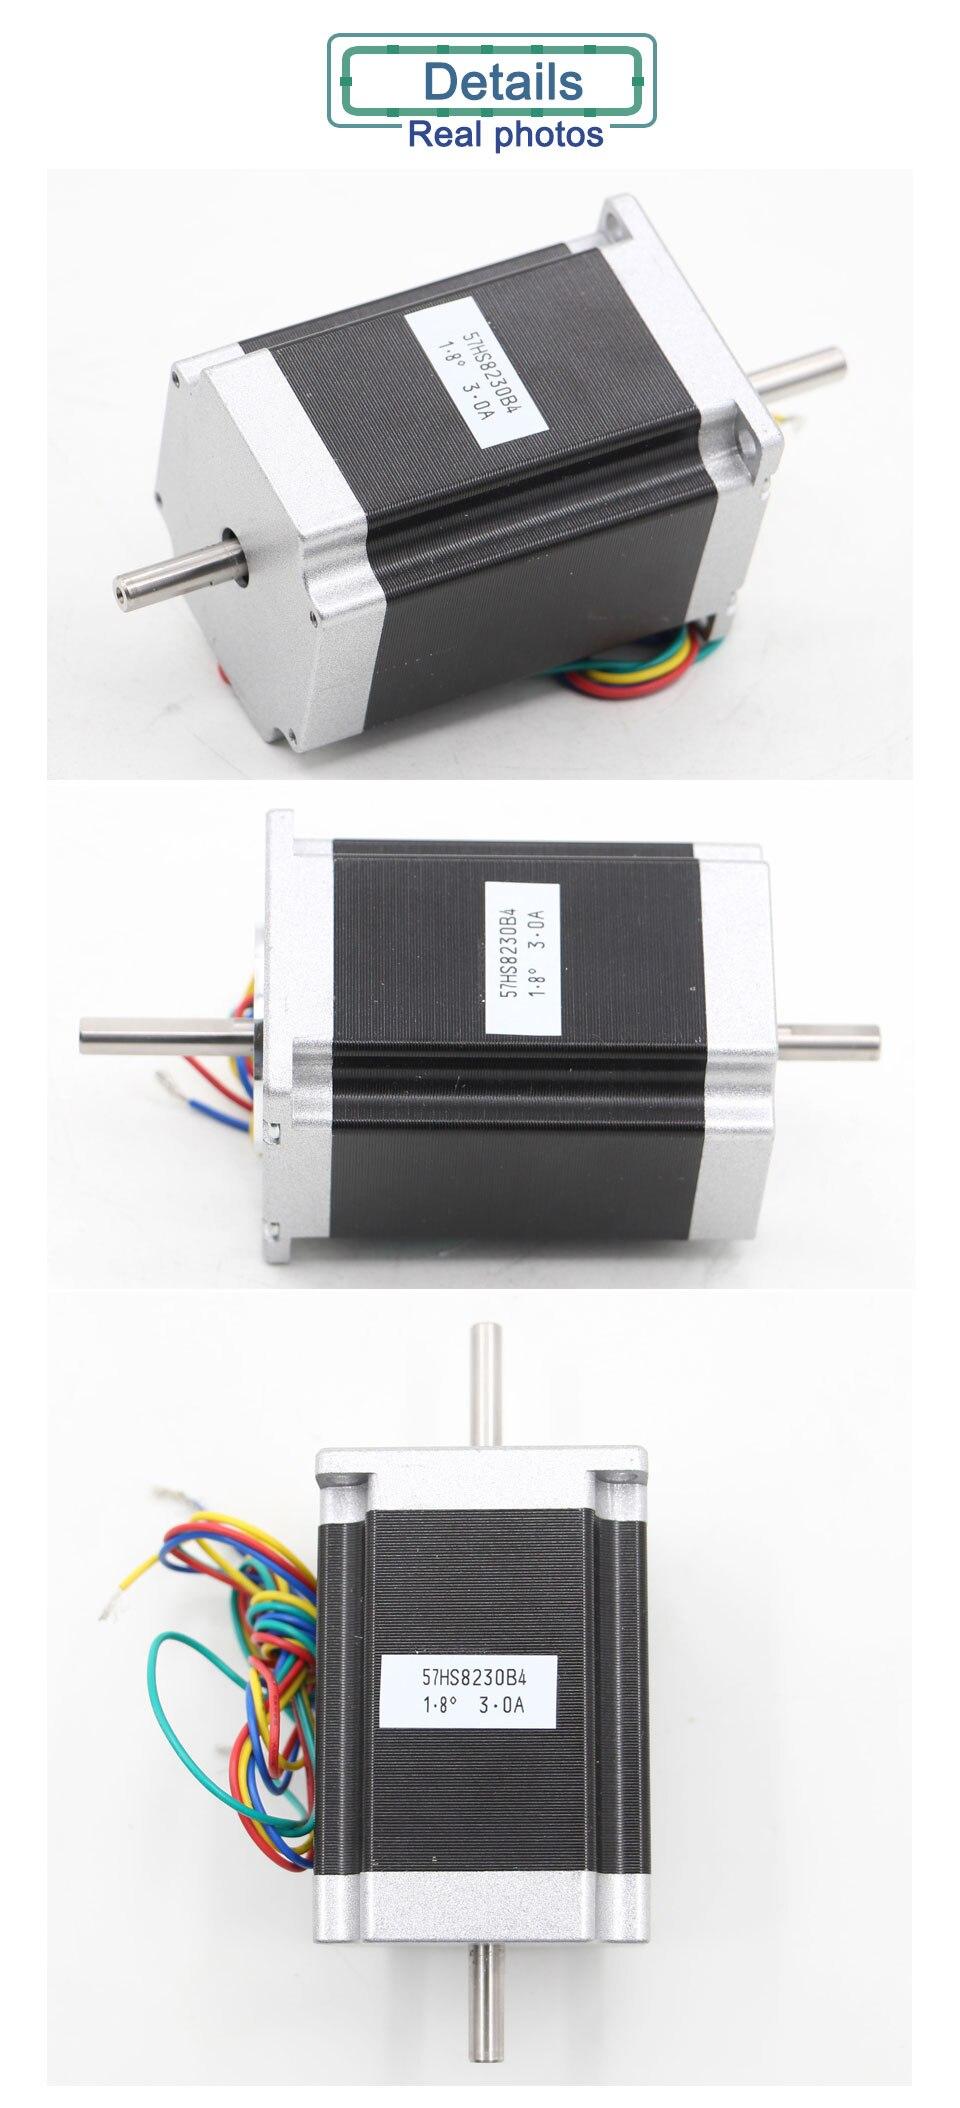 315oz-in cnc roteador gravura fresadora impressora 3d